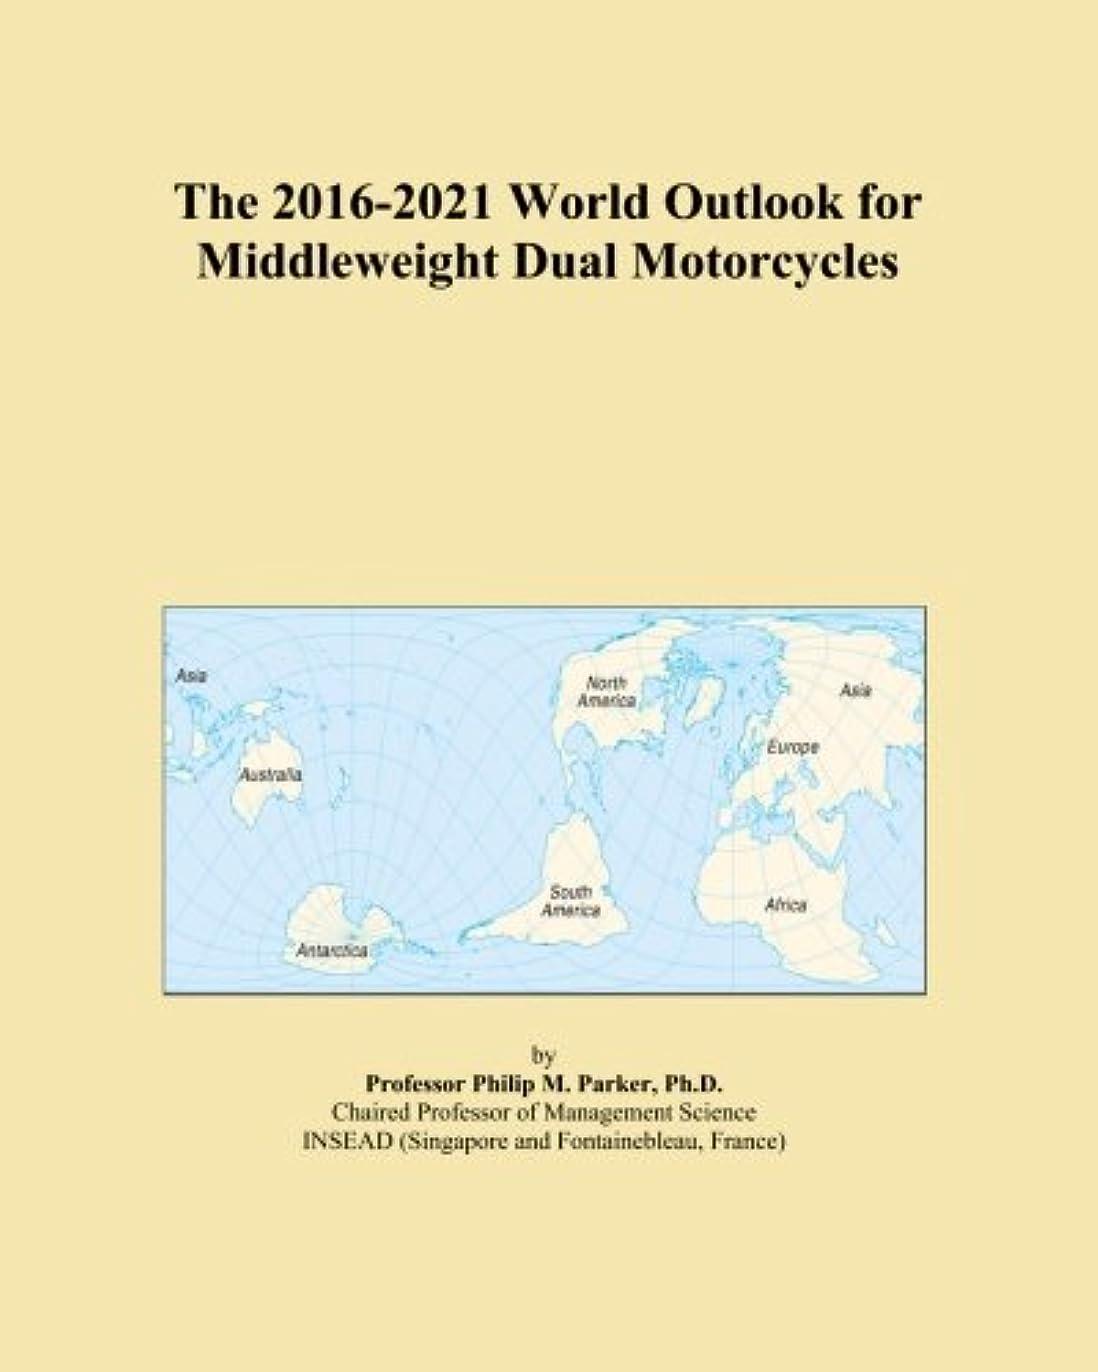 フェロー諸島センチメンタルミュートThe 2016-2021 World Outlook for Middleweight Dual Motorcycles